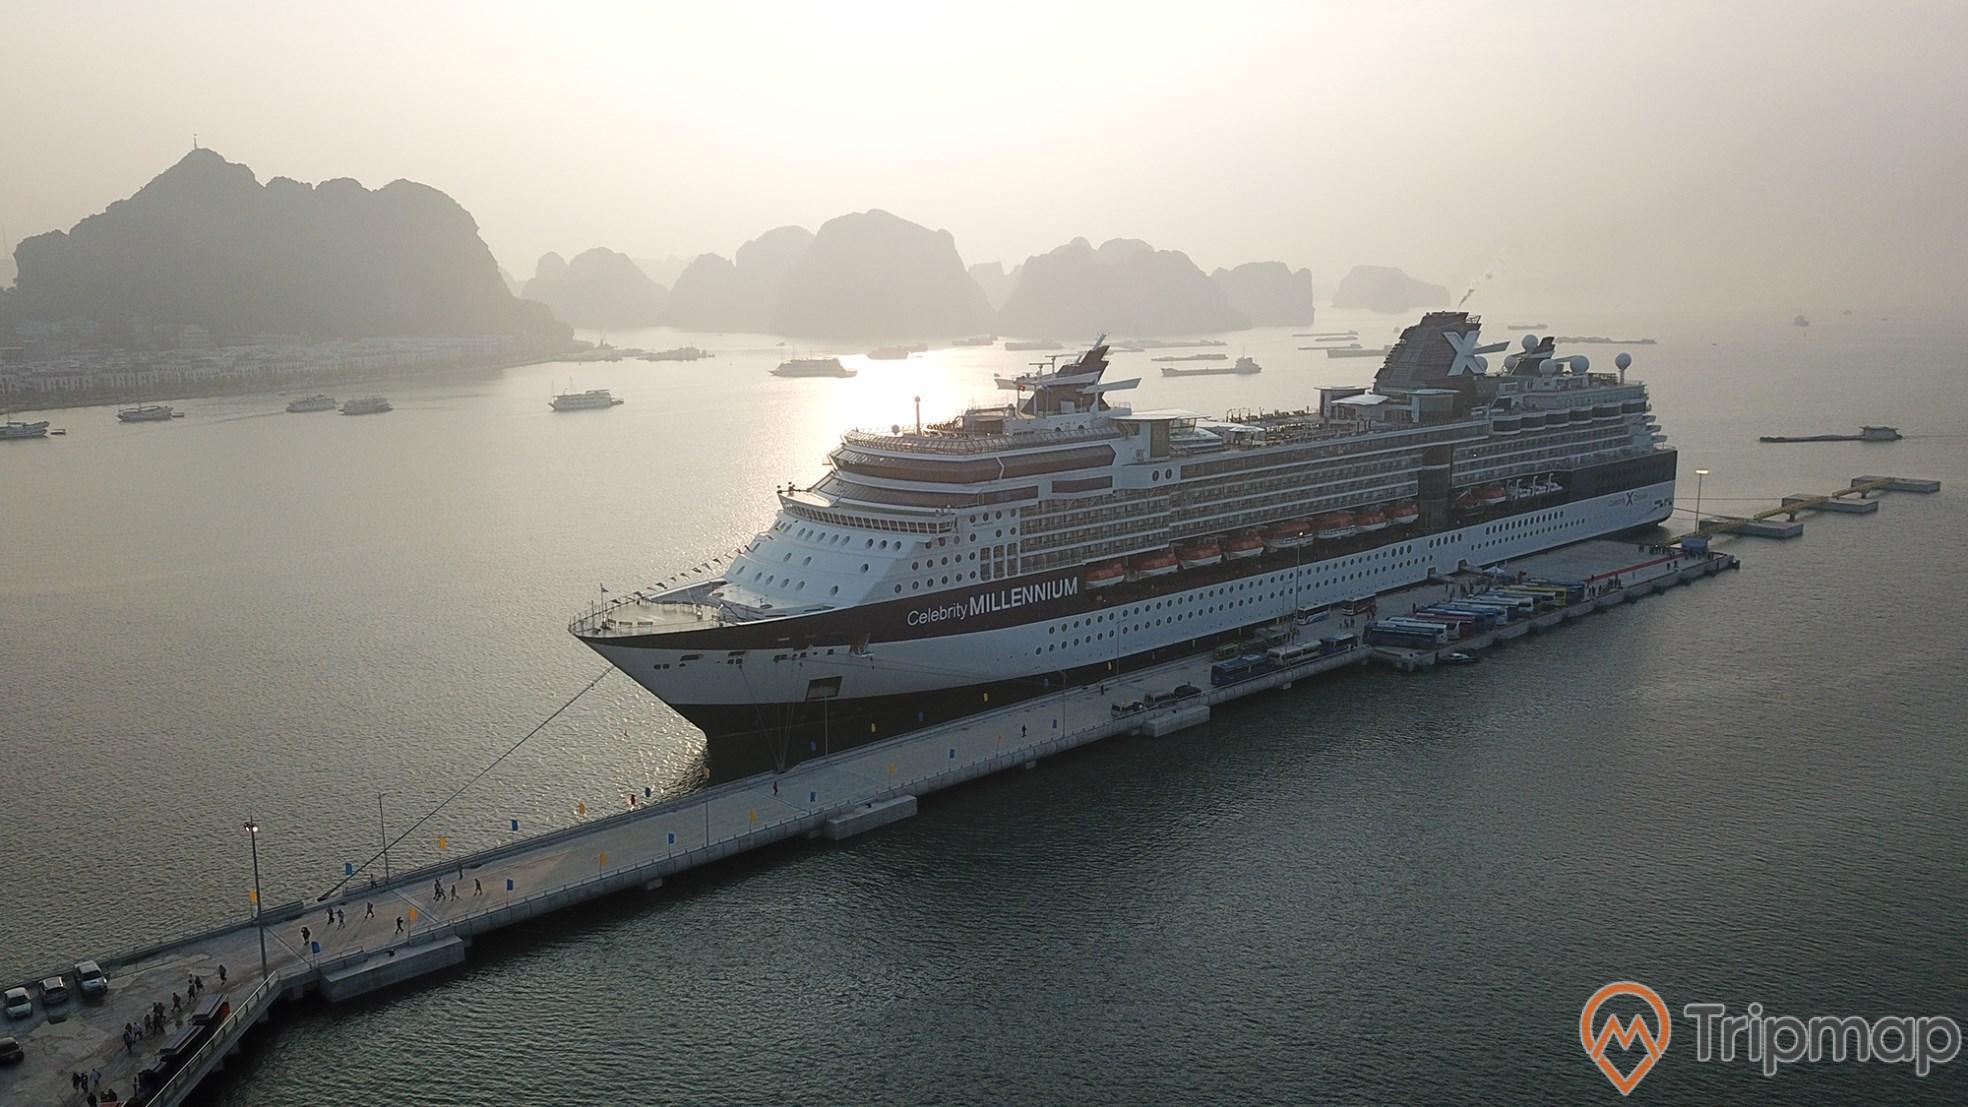 Khung ảnh Cảng Quốc tế Hạ Long khiến du khách say mê bởi vẻ đẹp khó quên